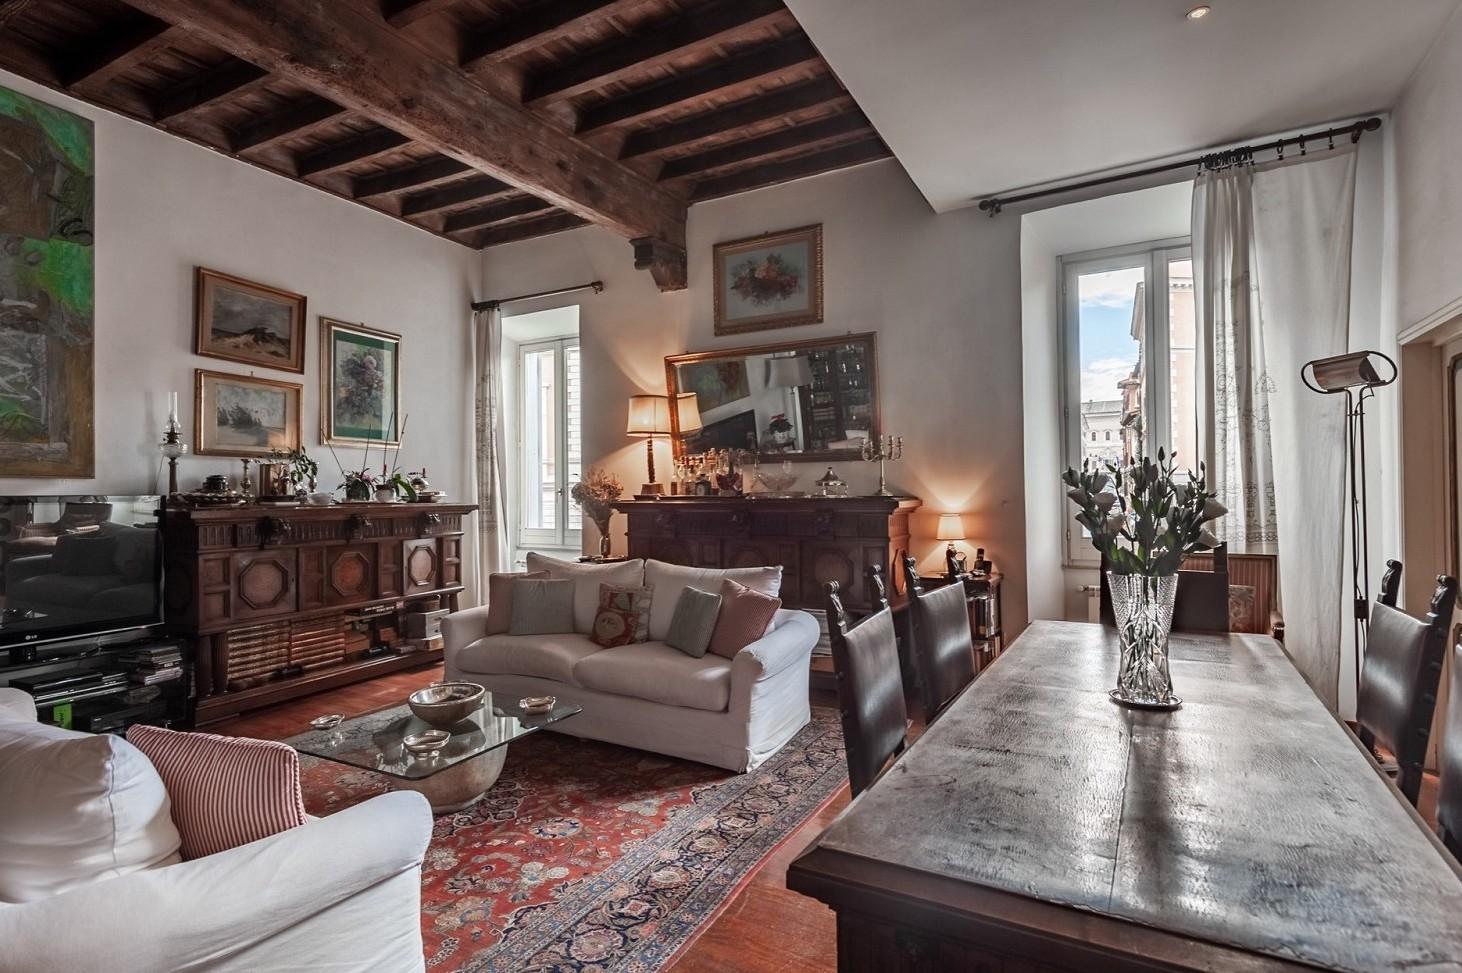 Da Bilocale A Trilocale affitto casa a roma. costi medi 2020 per monolocale